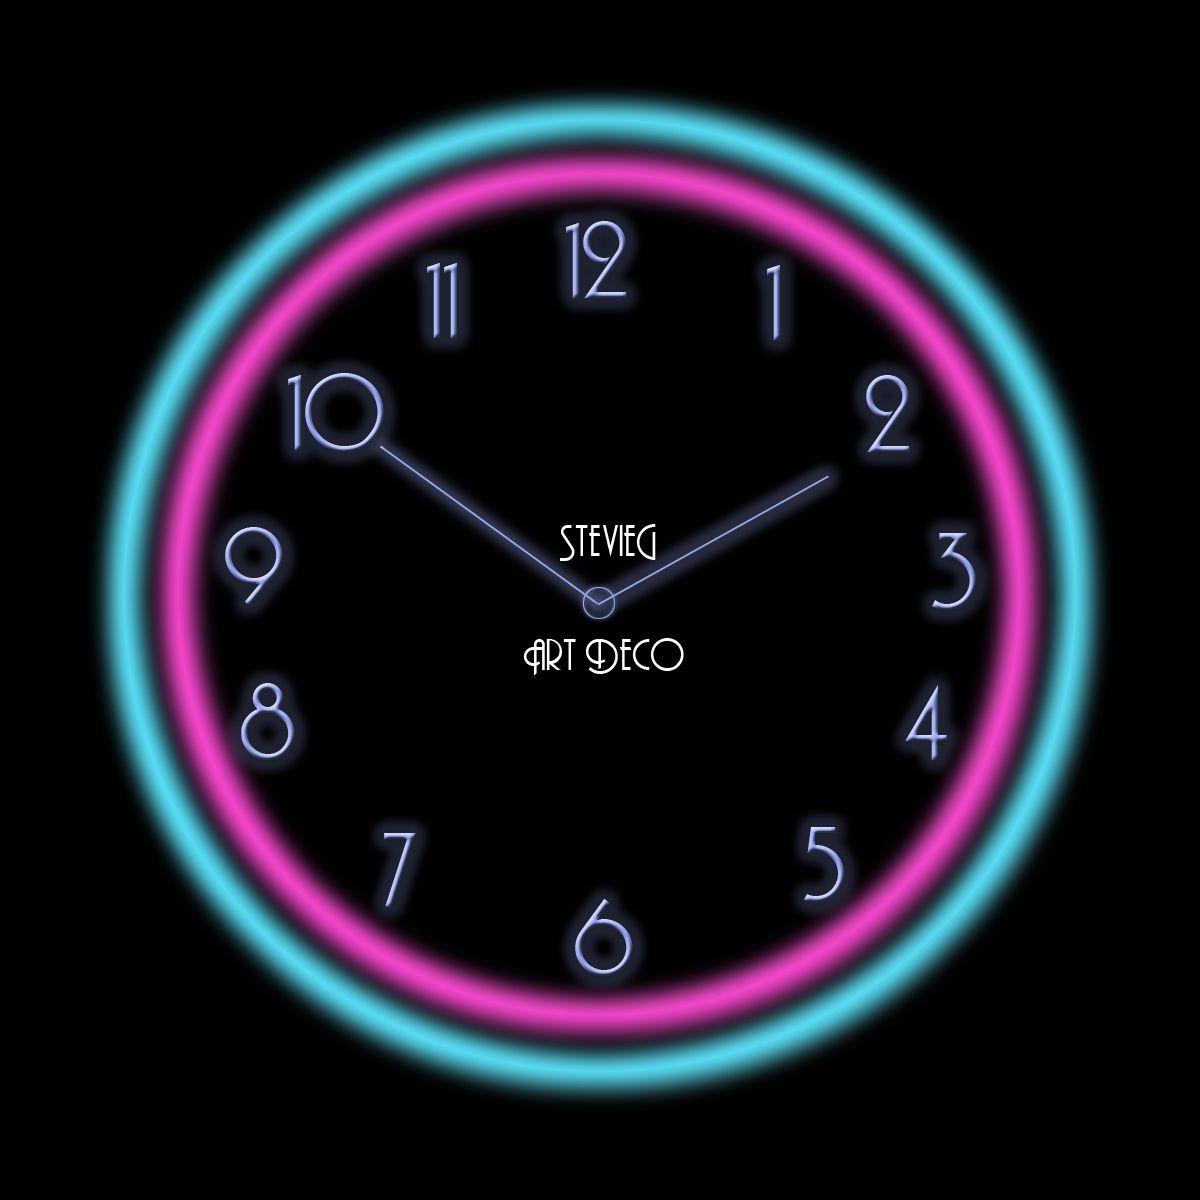 Reloj Neon Art Deco Reloj, Neón, Art deco